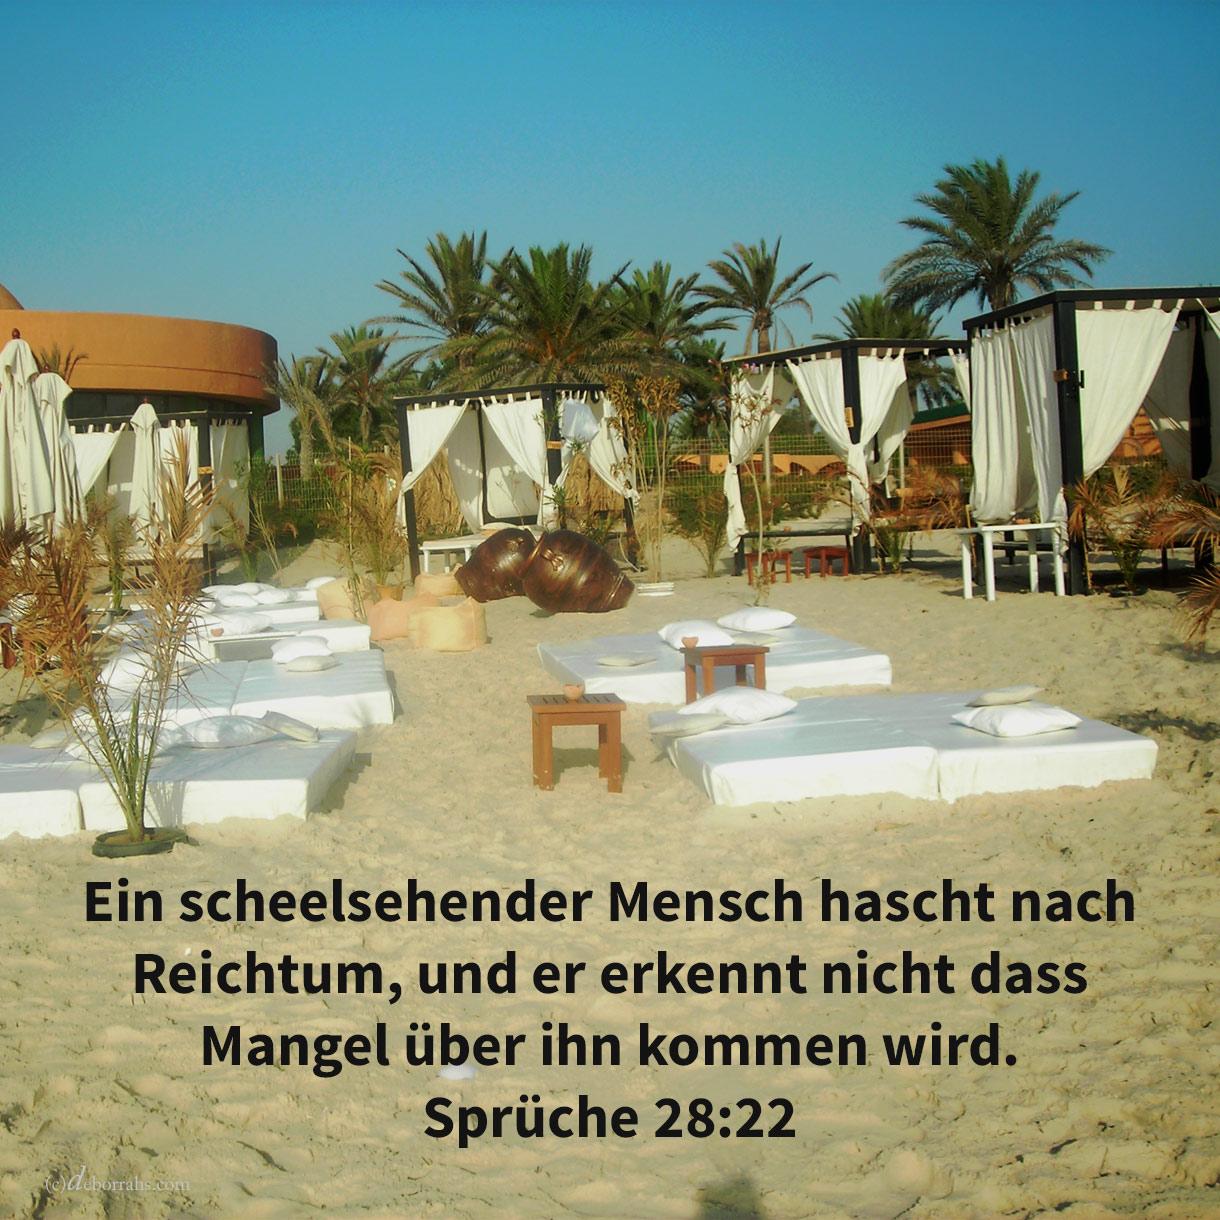 Ein scheelsehender Mann hascht nach Reichtum, und er erkennt nicht, dass Mangel über ihn kommen wird ( Sprüche 28,22 )